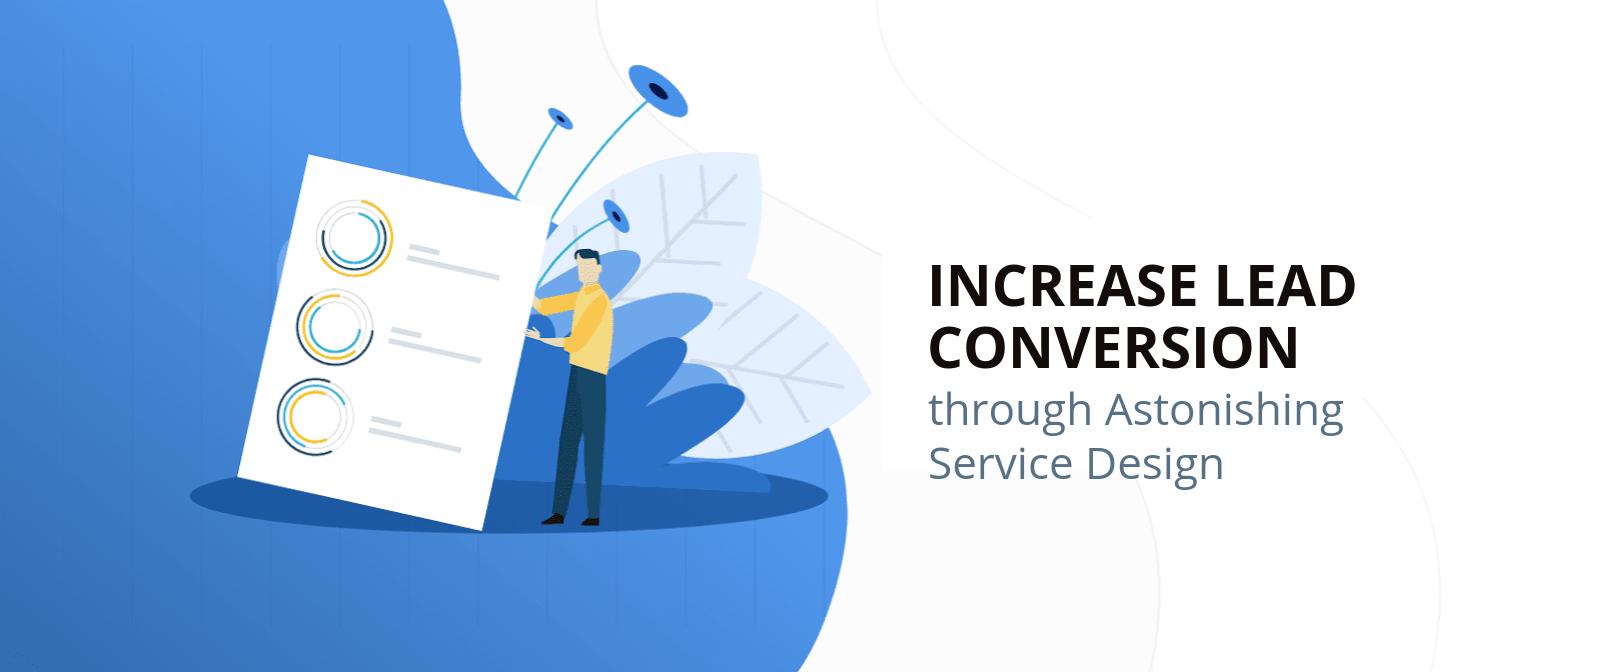 lead conversion service design